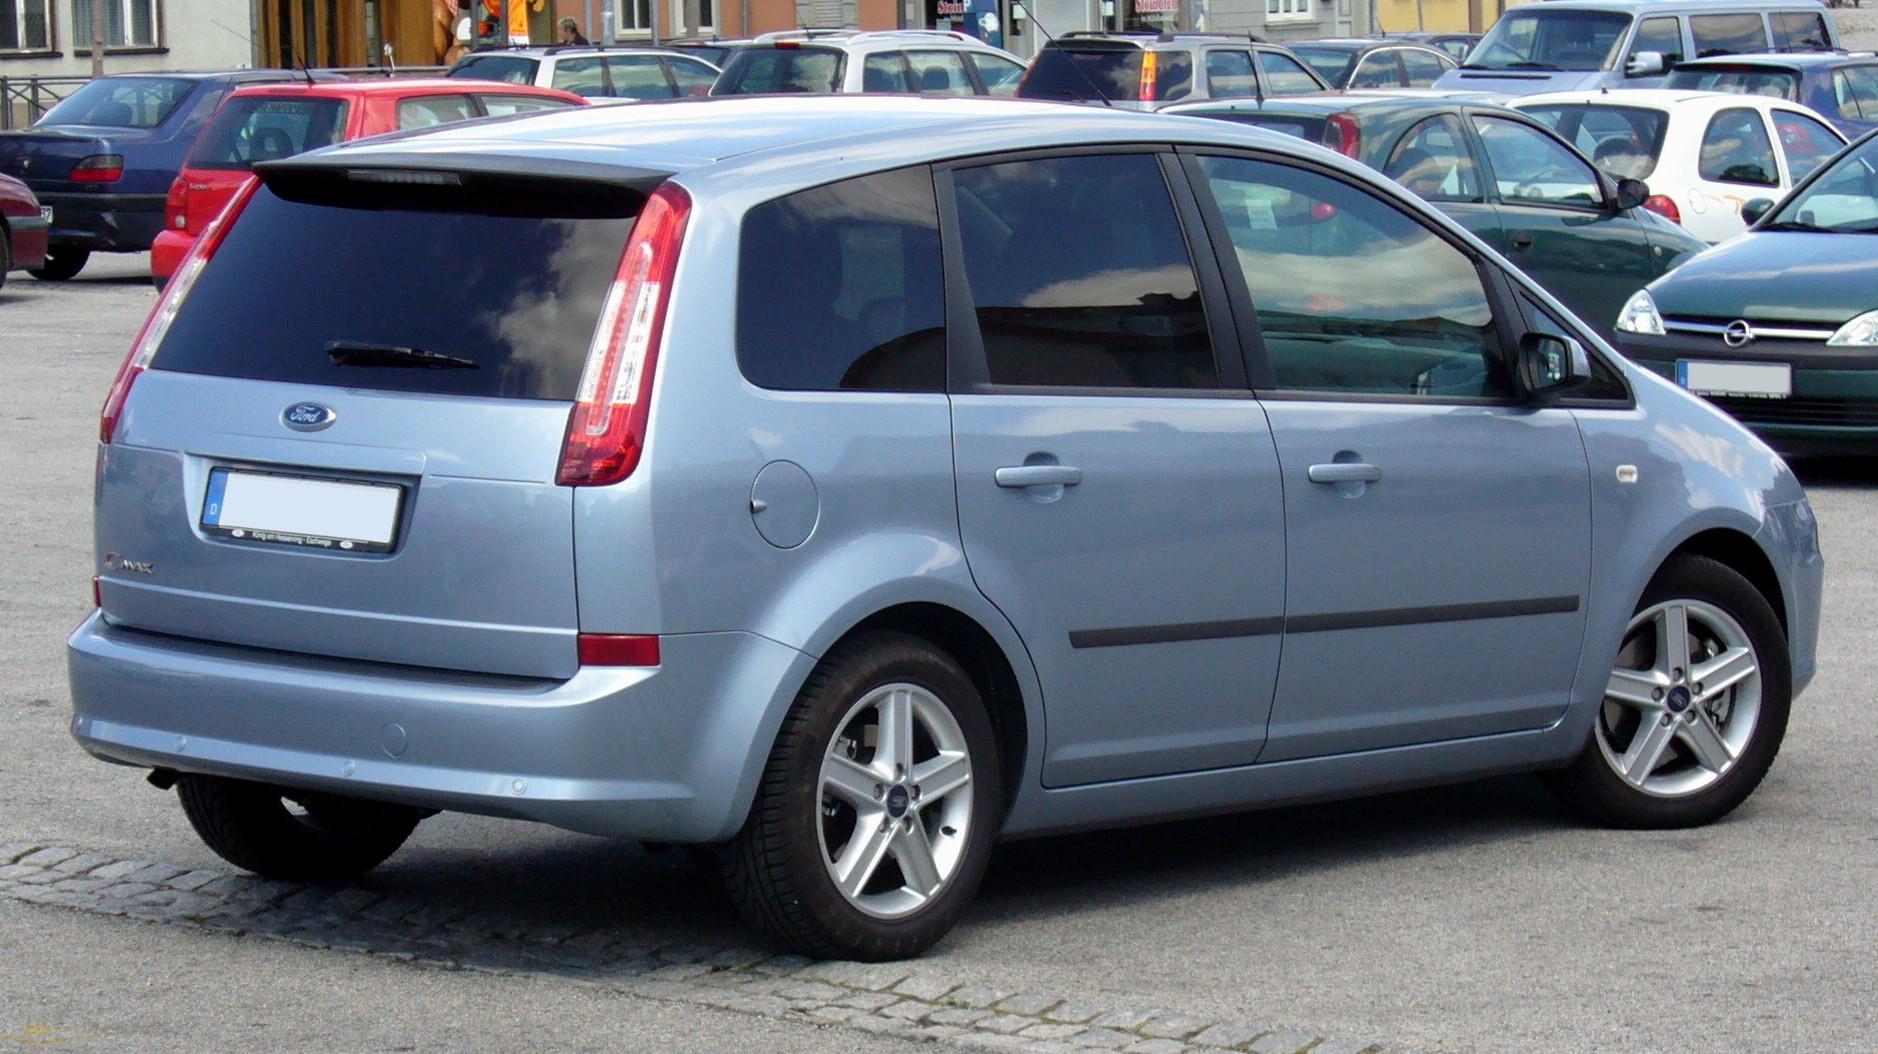 Ford C-Max (2007) / Форд Си-Макс Обзор, Фото, Отзывы, Характеристика, Цена, Тест-драйв